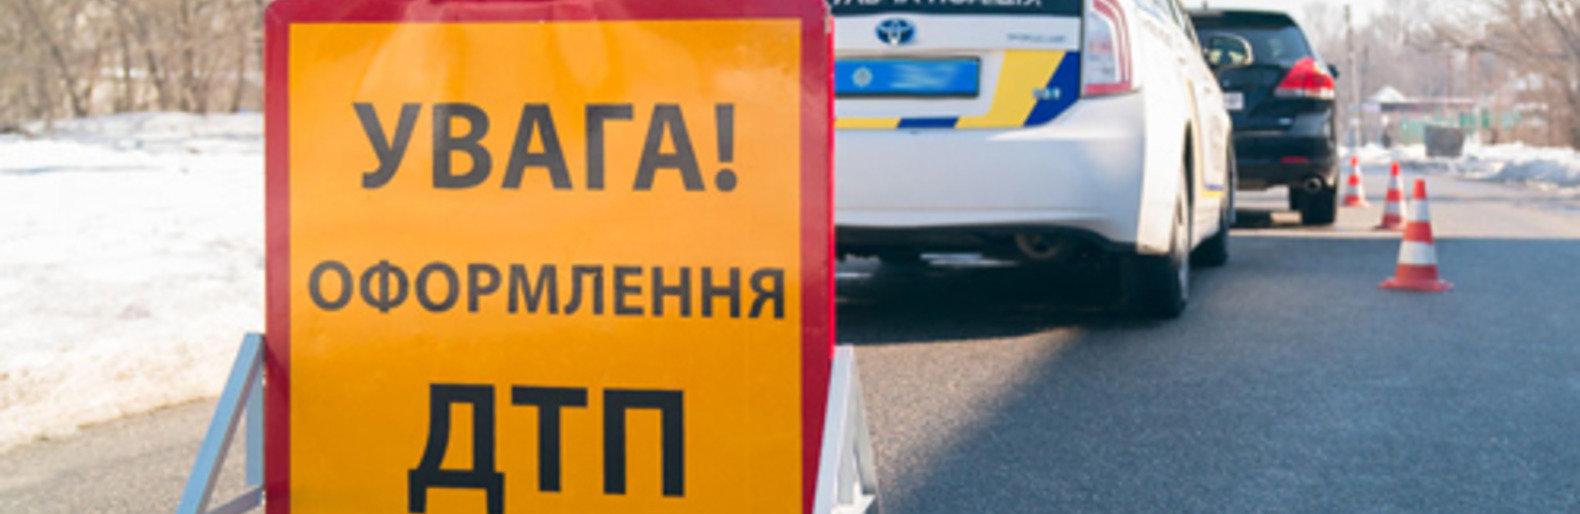 Поліція просить відгукнутись свідків ДТП у Новоград-Волинському районі